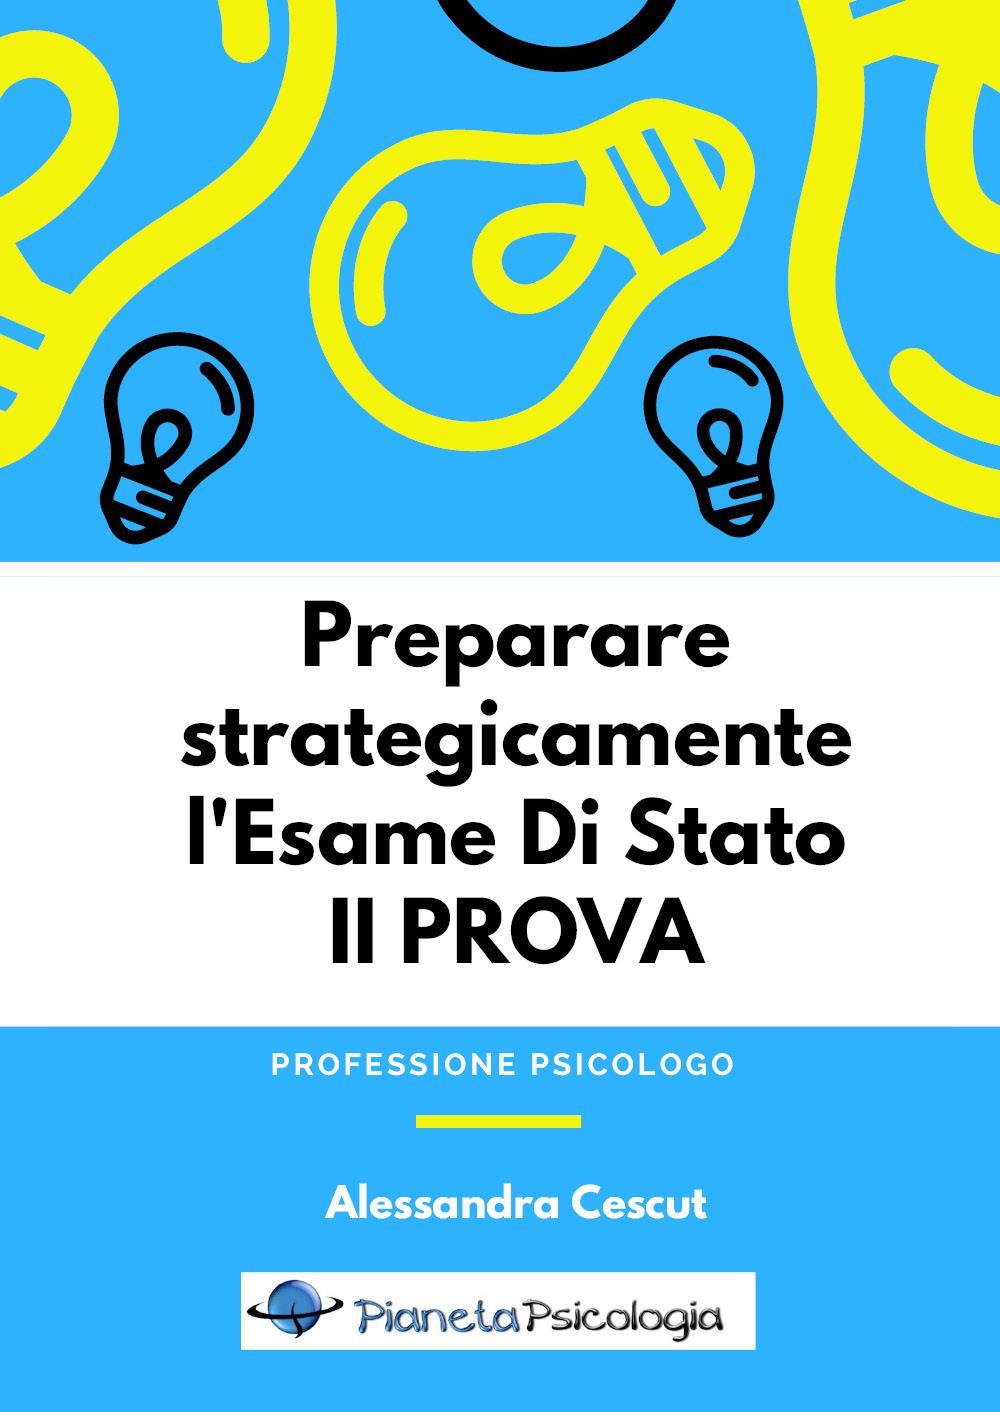 Preparare strategicamente l'Esame Di Stato in psicologia - II prova